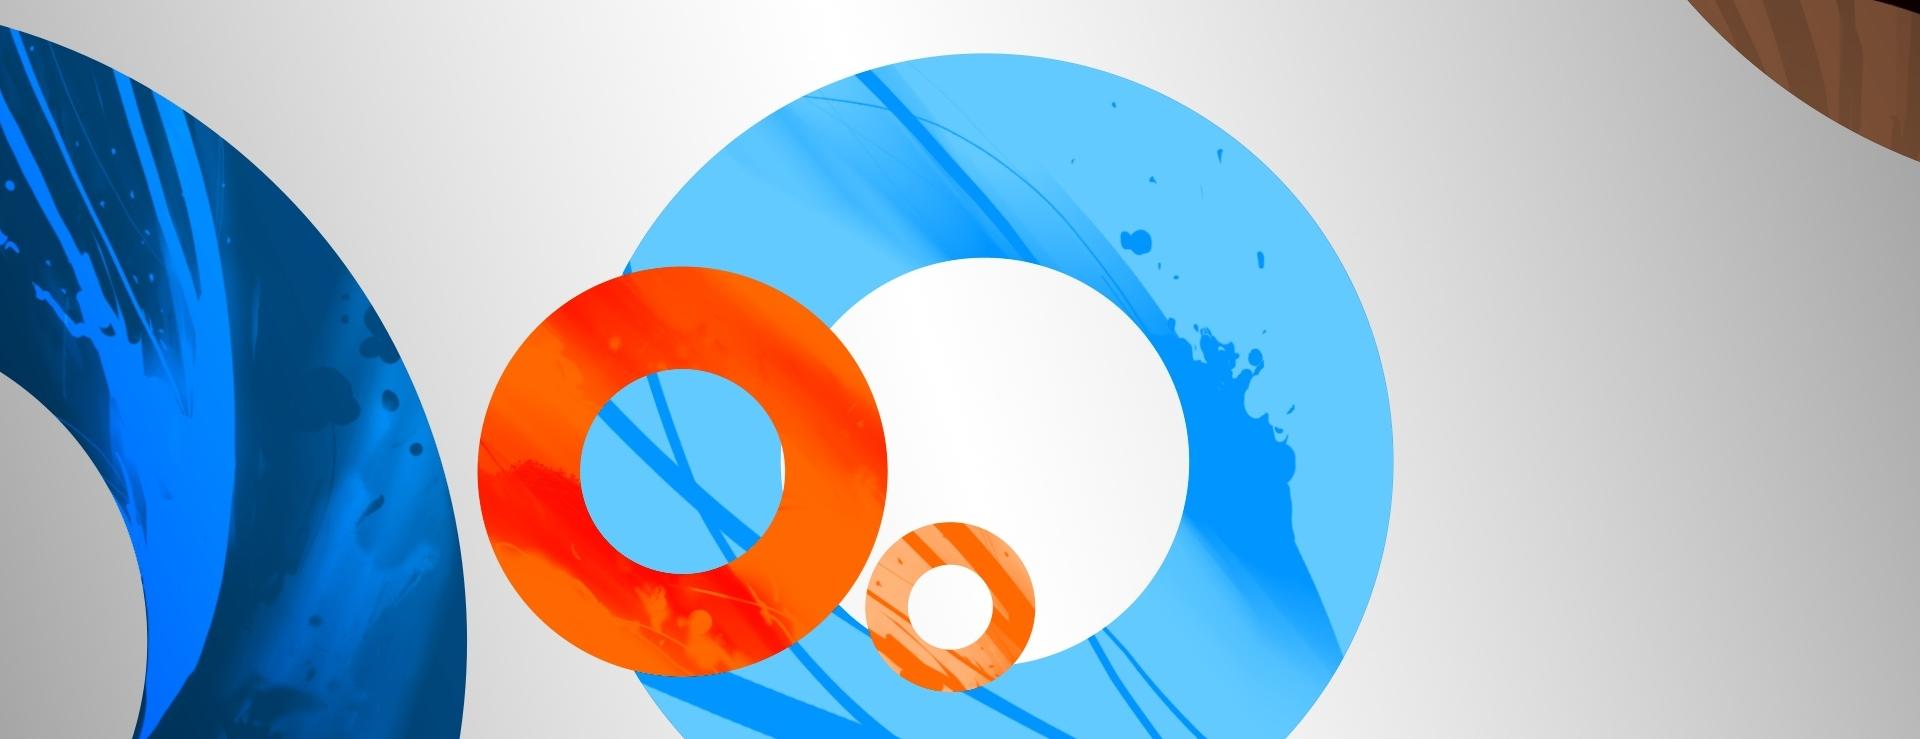 Circles in website design